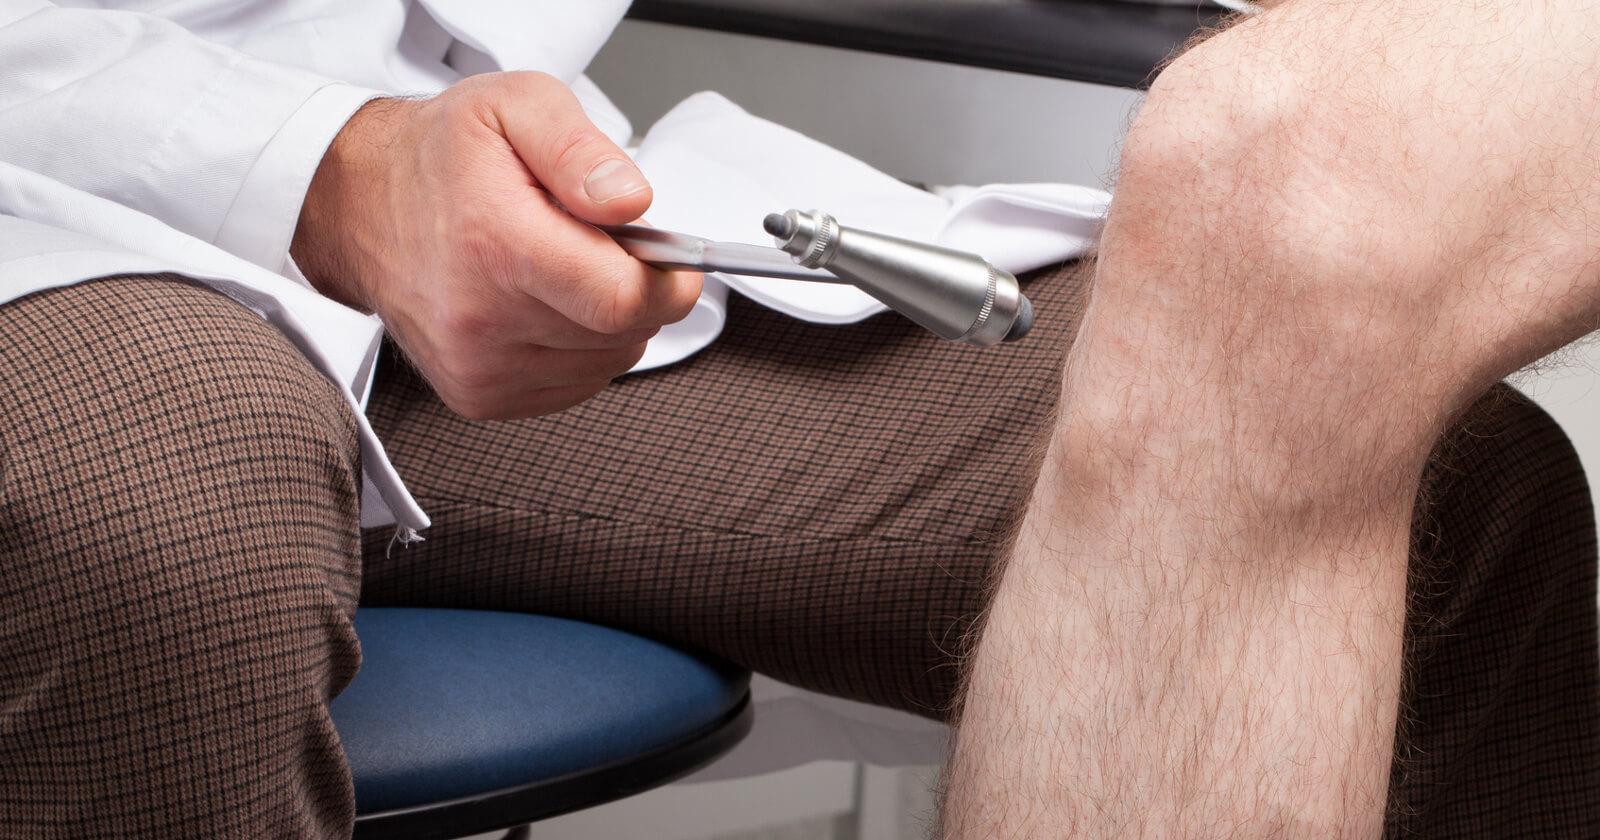 Arzt testet Reflexe am Knie zur Diagnose einer diabetischen Neuropathie.